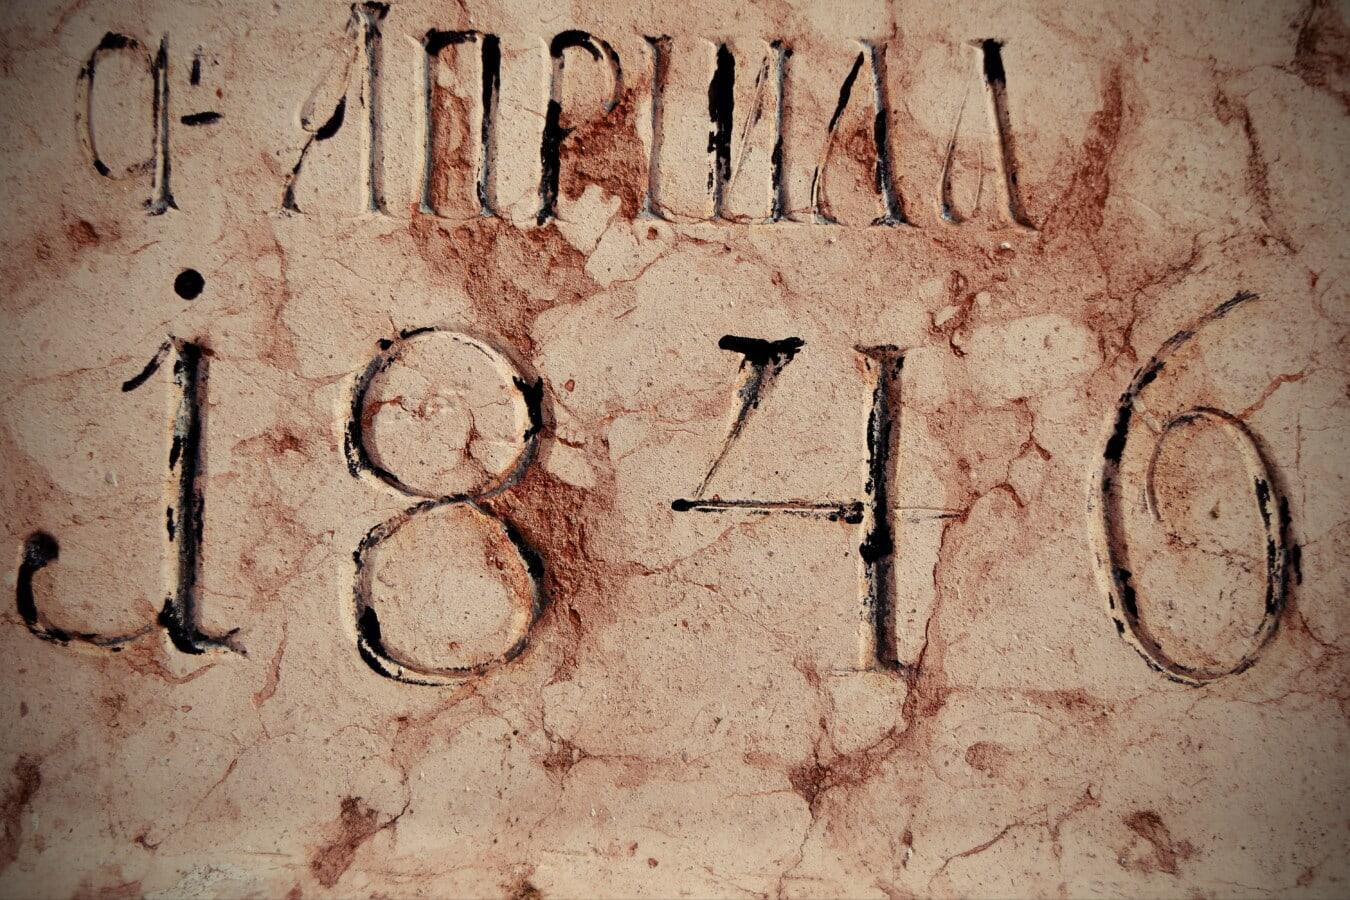 ćirilica, tipografija, abeceda, propadanje, tekst, broj, stari stil, rezbarije, mramor, dekoracija